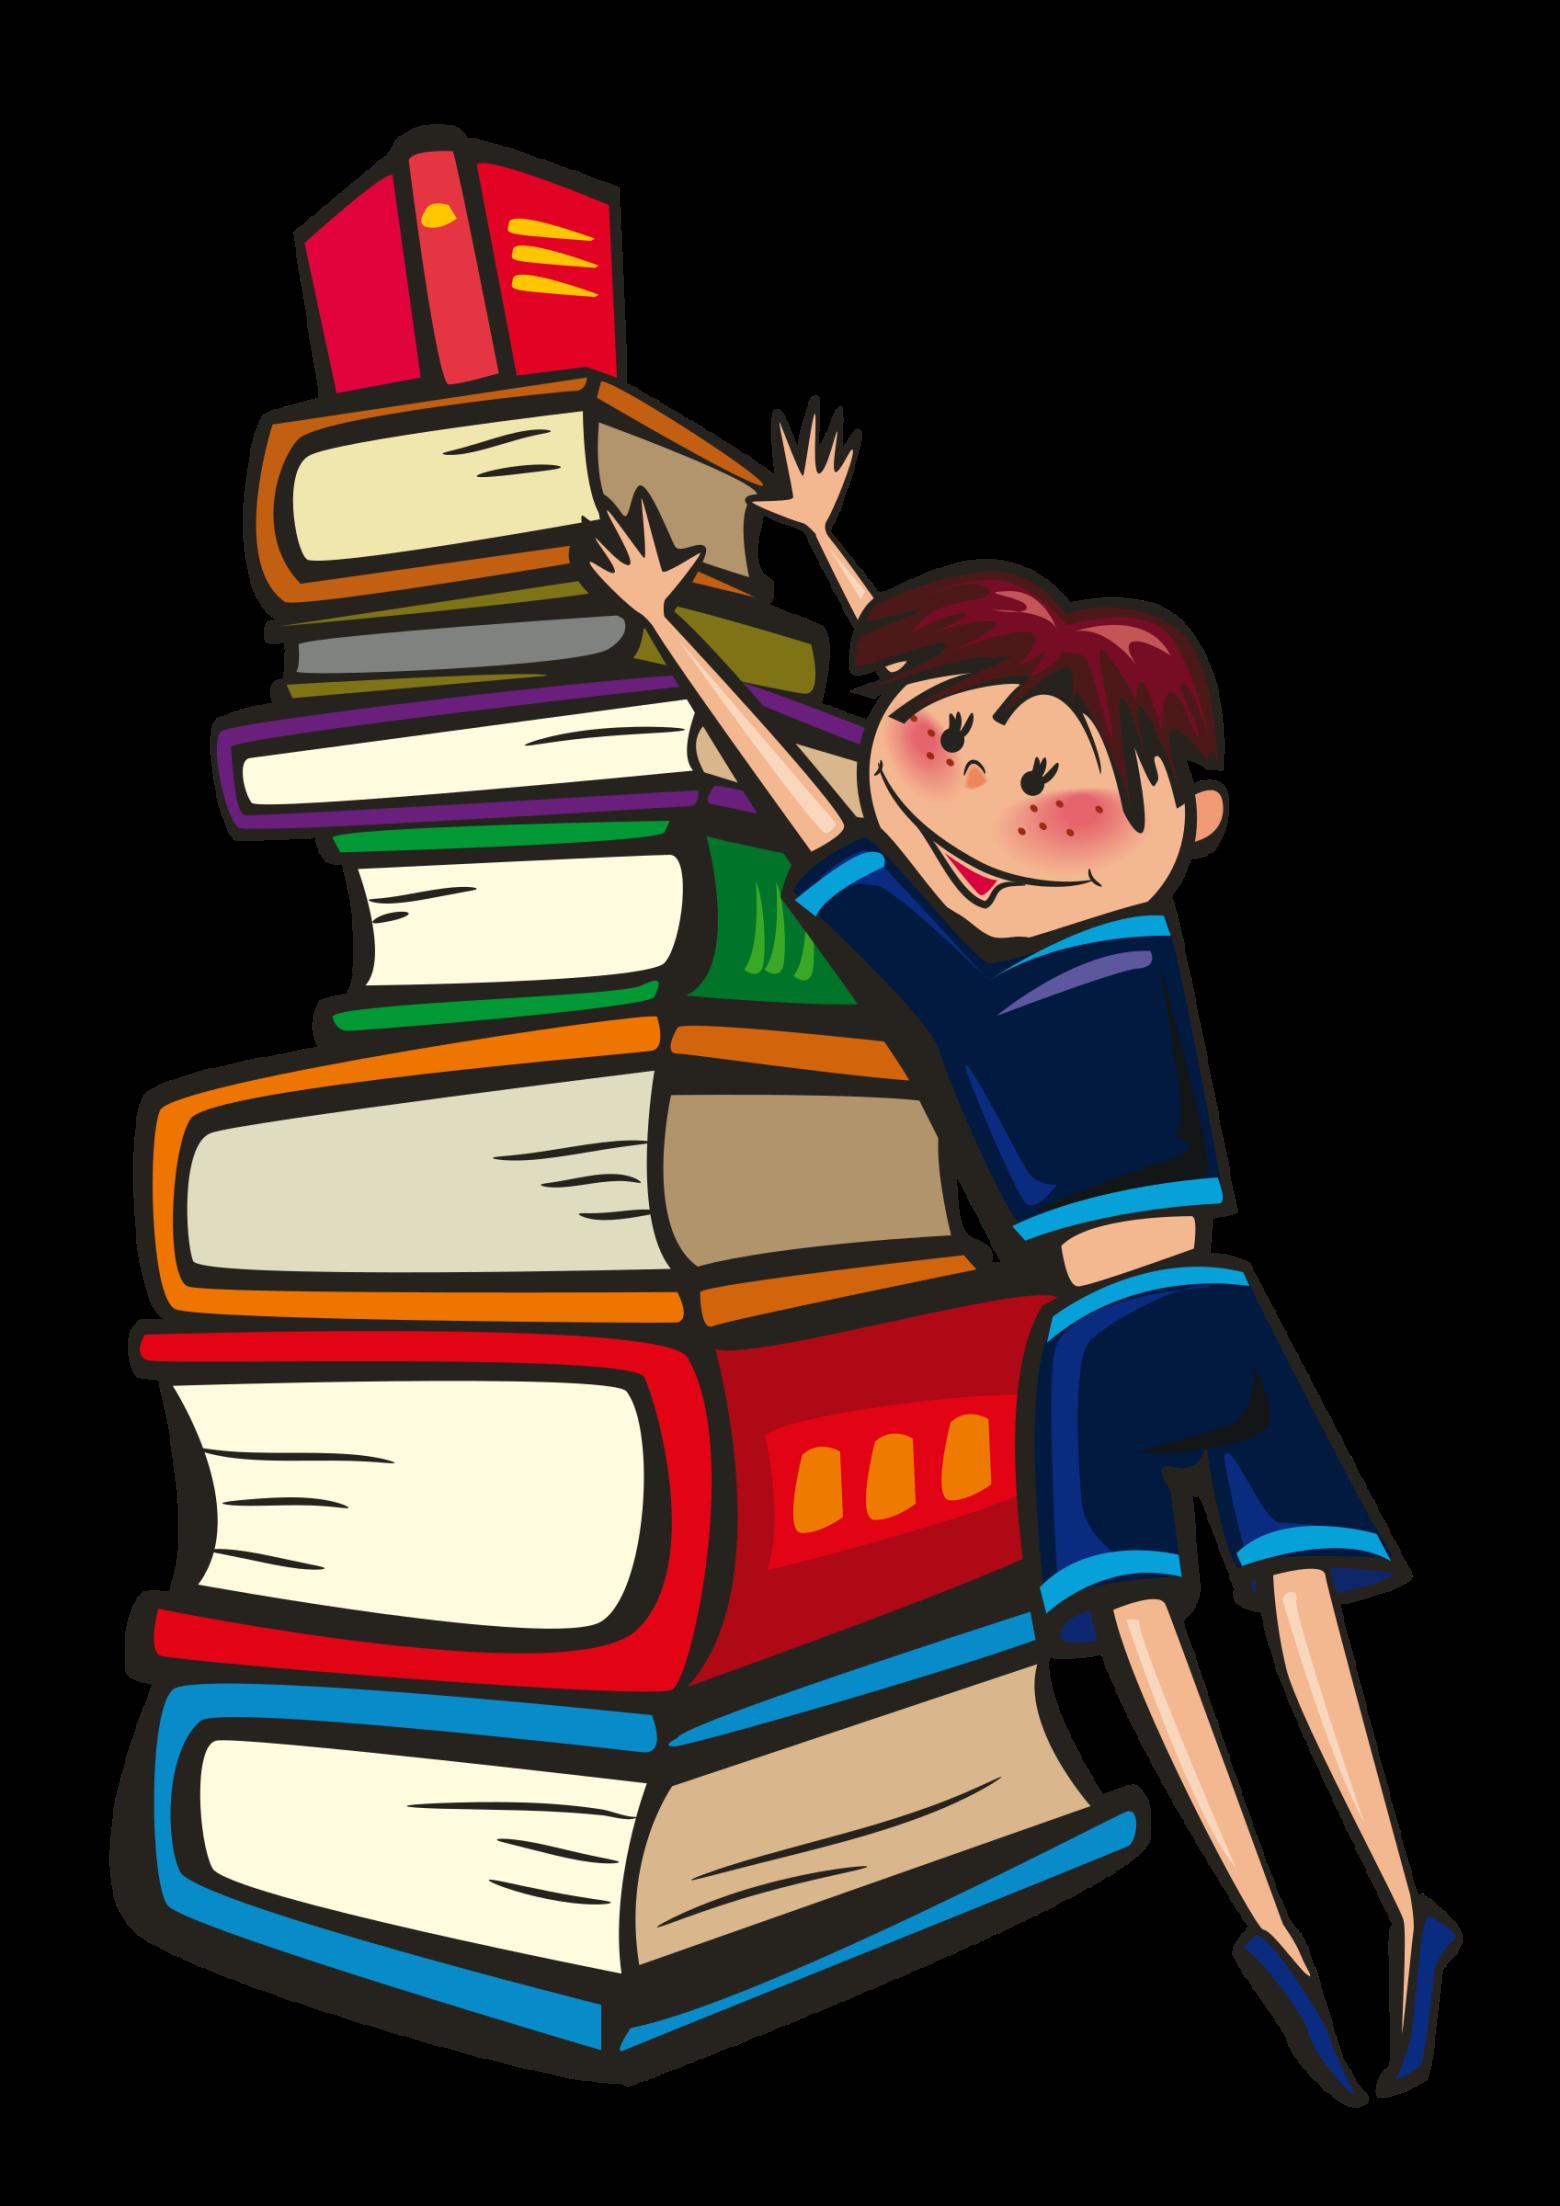 clipart école enfant livre images illustrations gratuites.